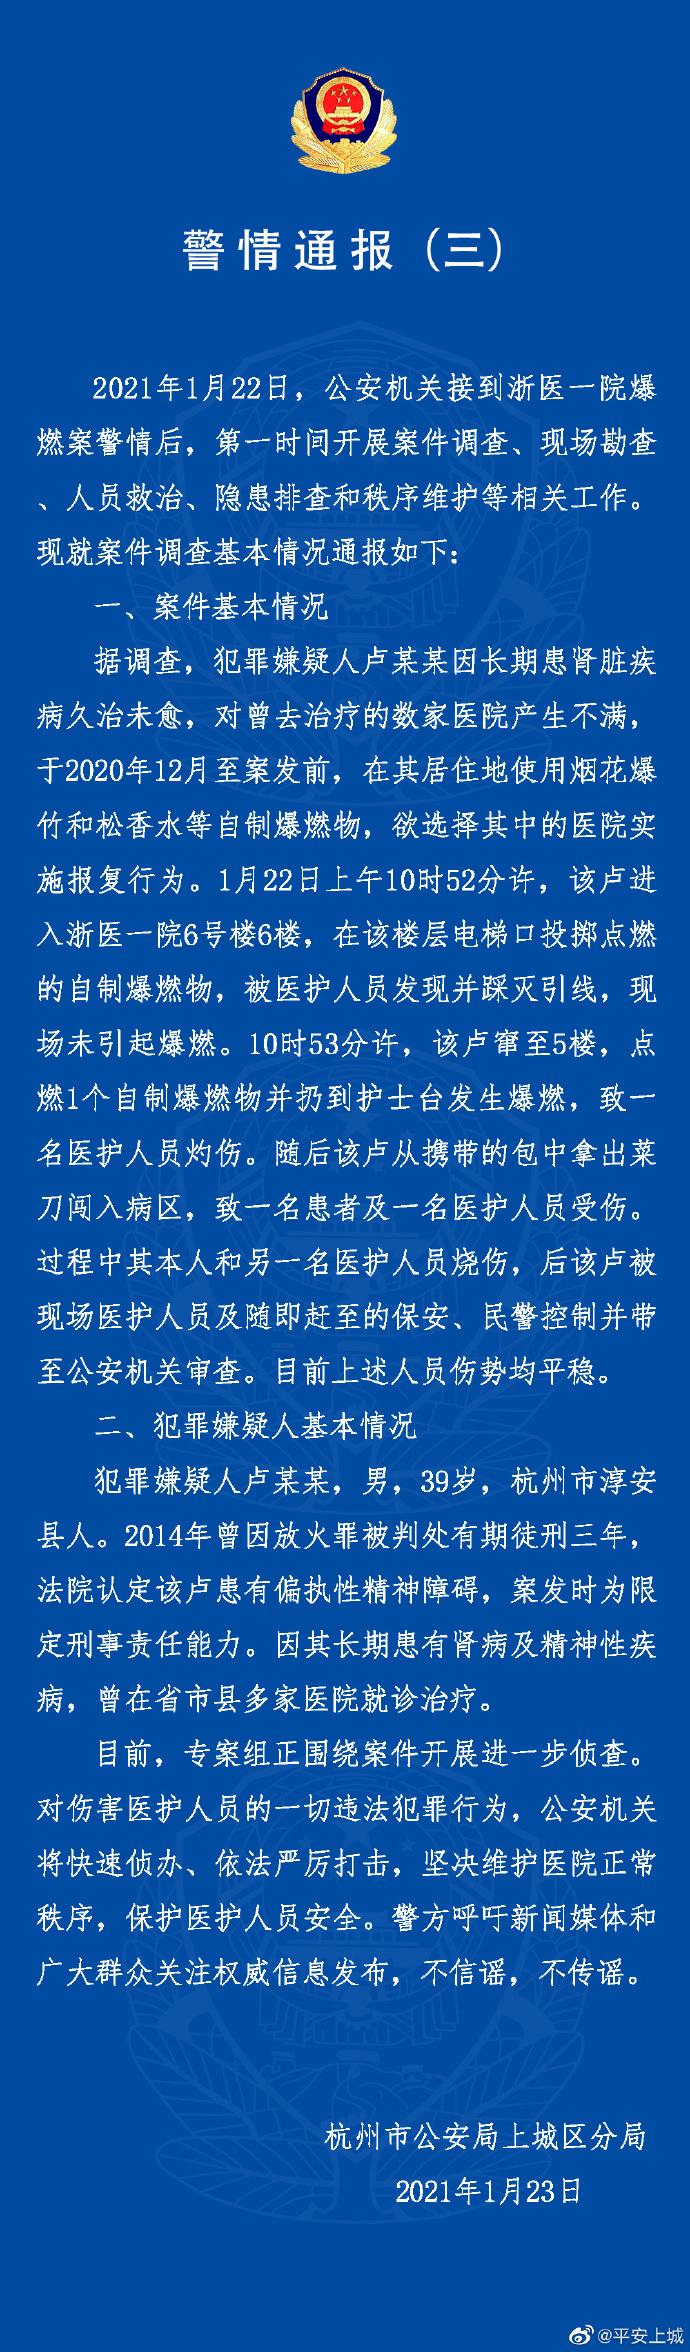 警方通报杭州浙医一院爆燃案细节:嫌犯有精神性疾病